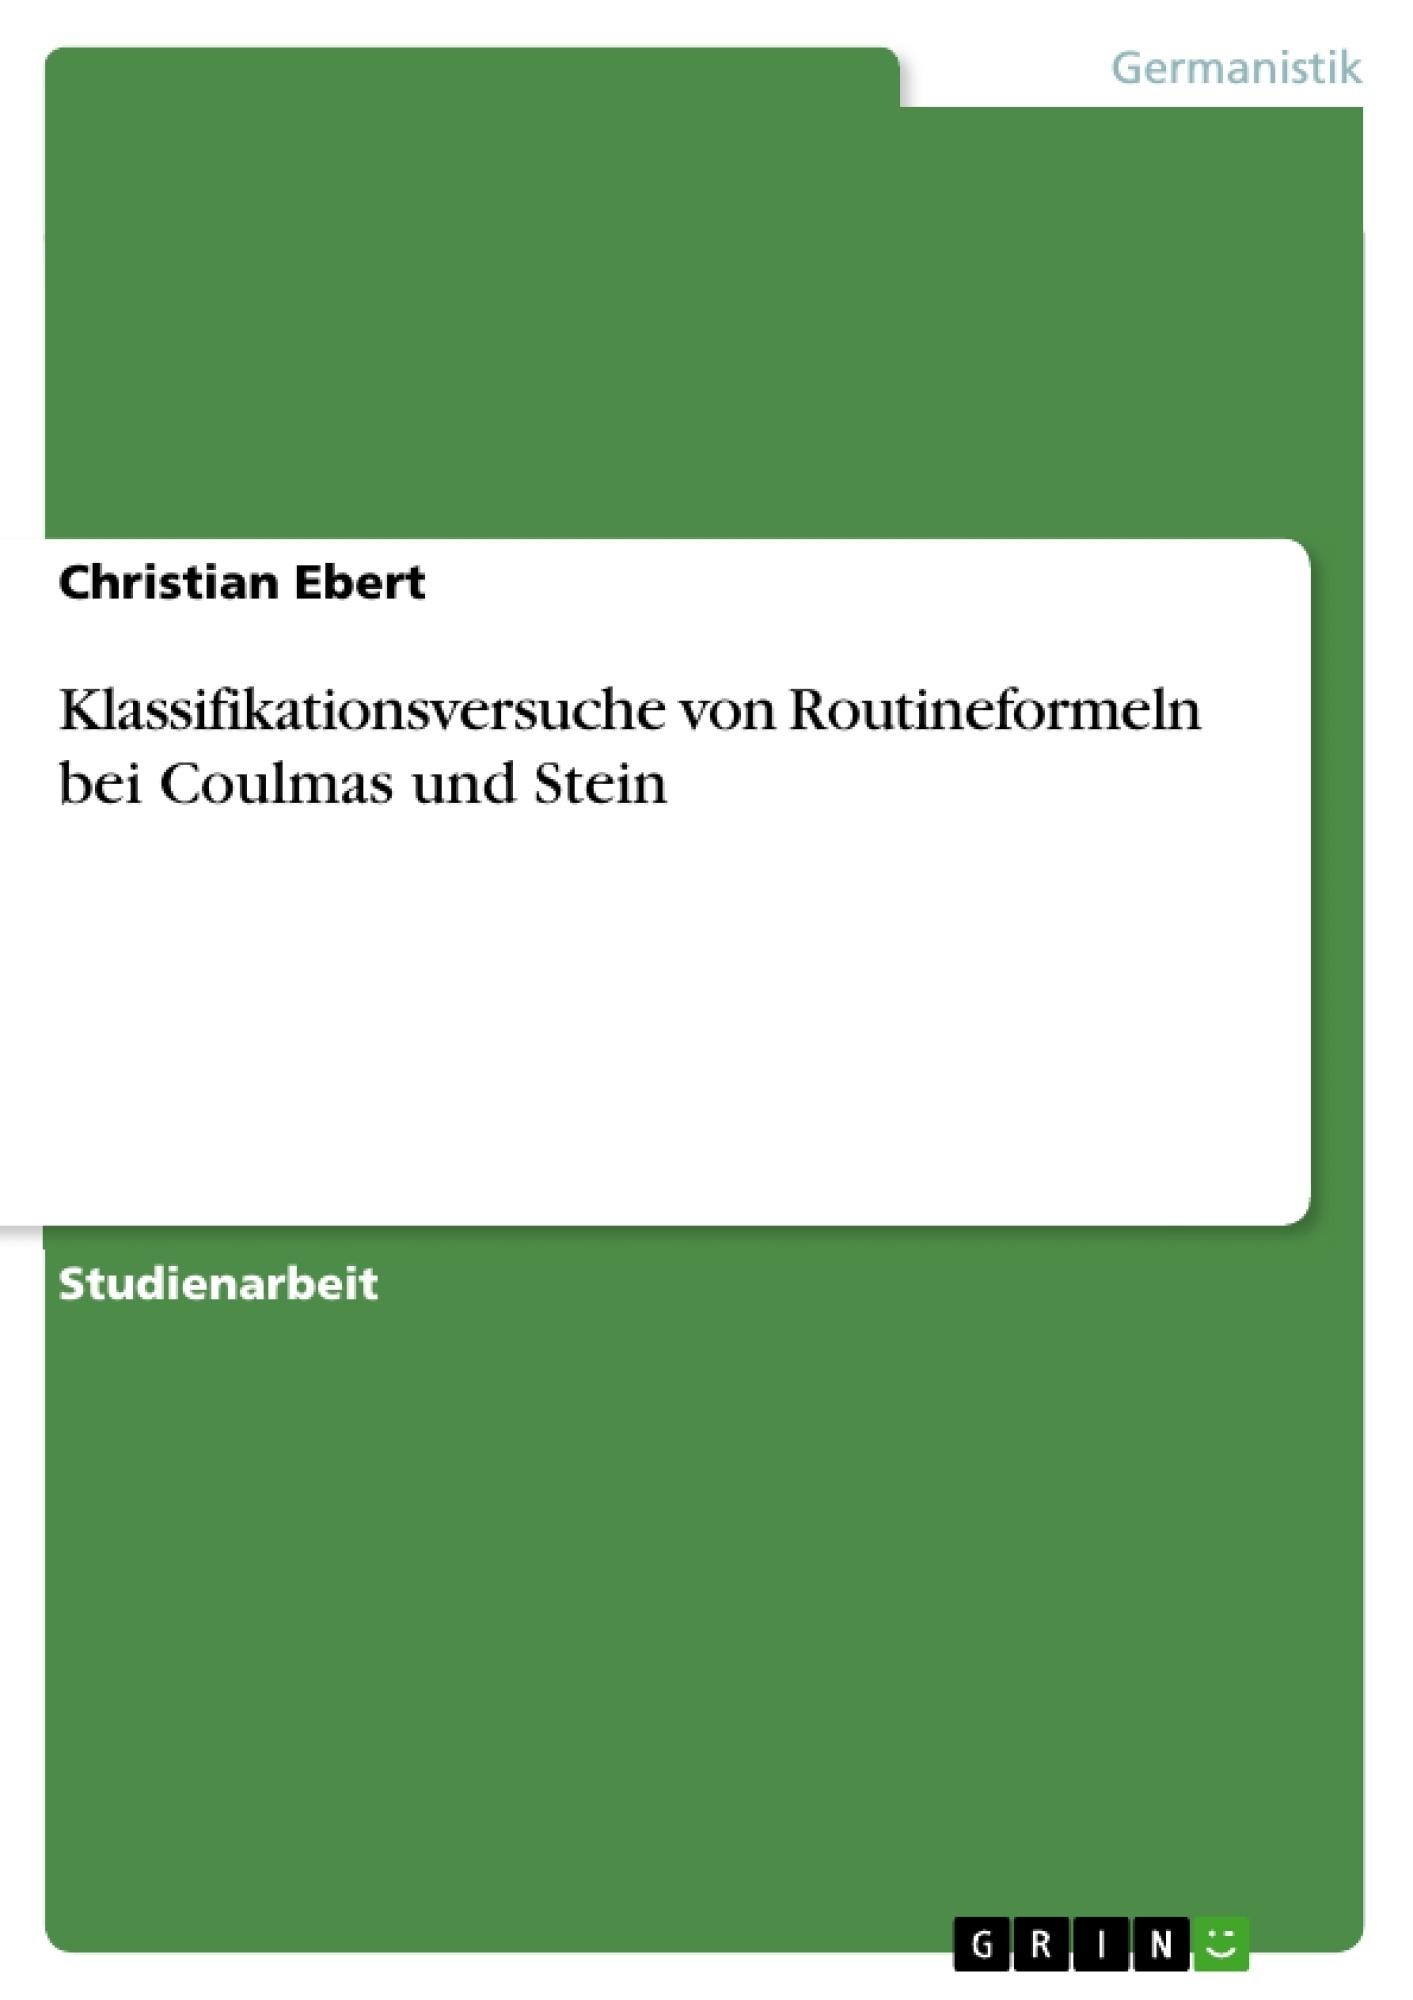 Titel: Klassifikationsversuche von Routineformeln bei Coulmas und Stein